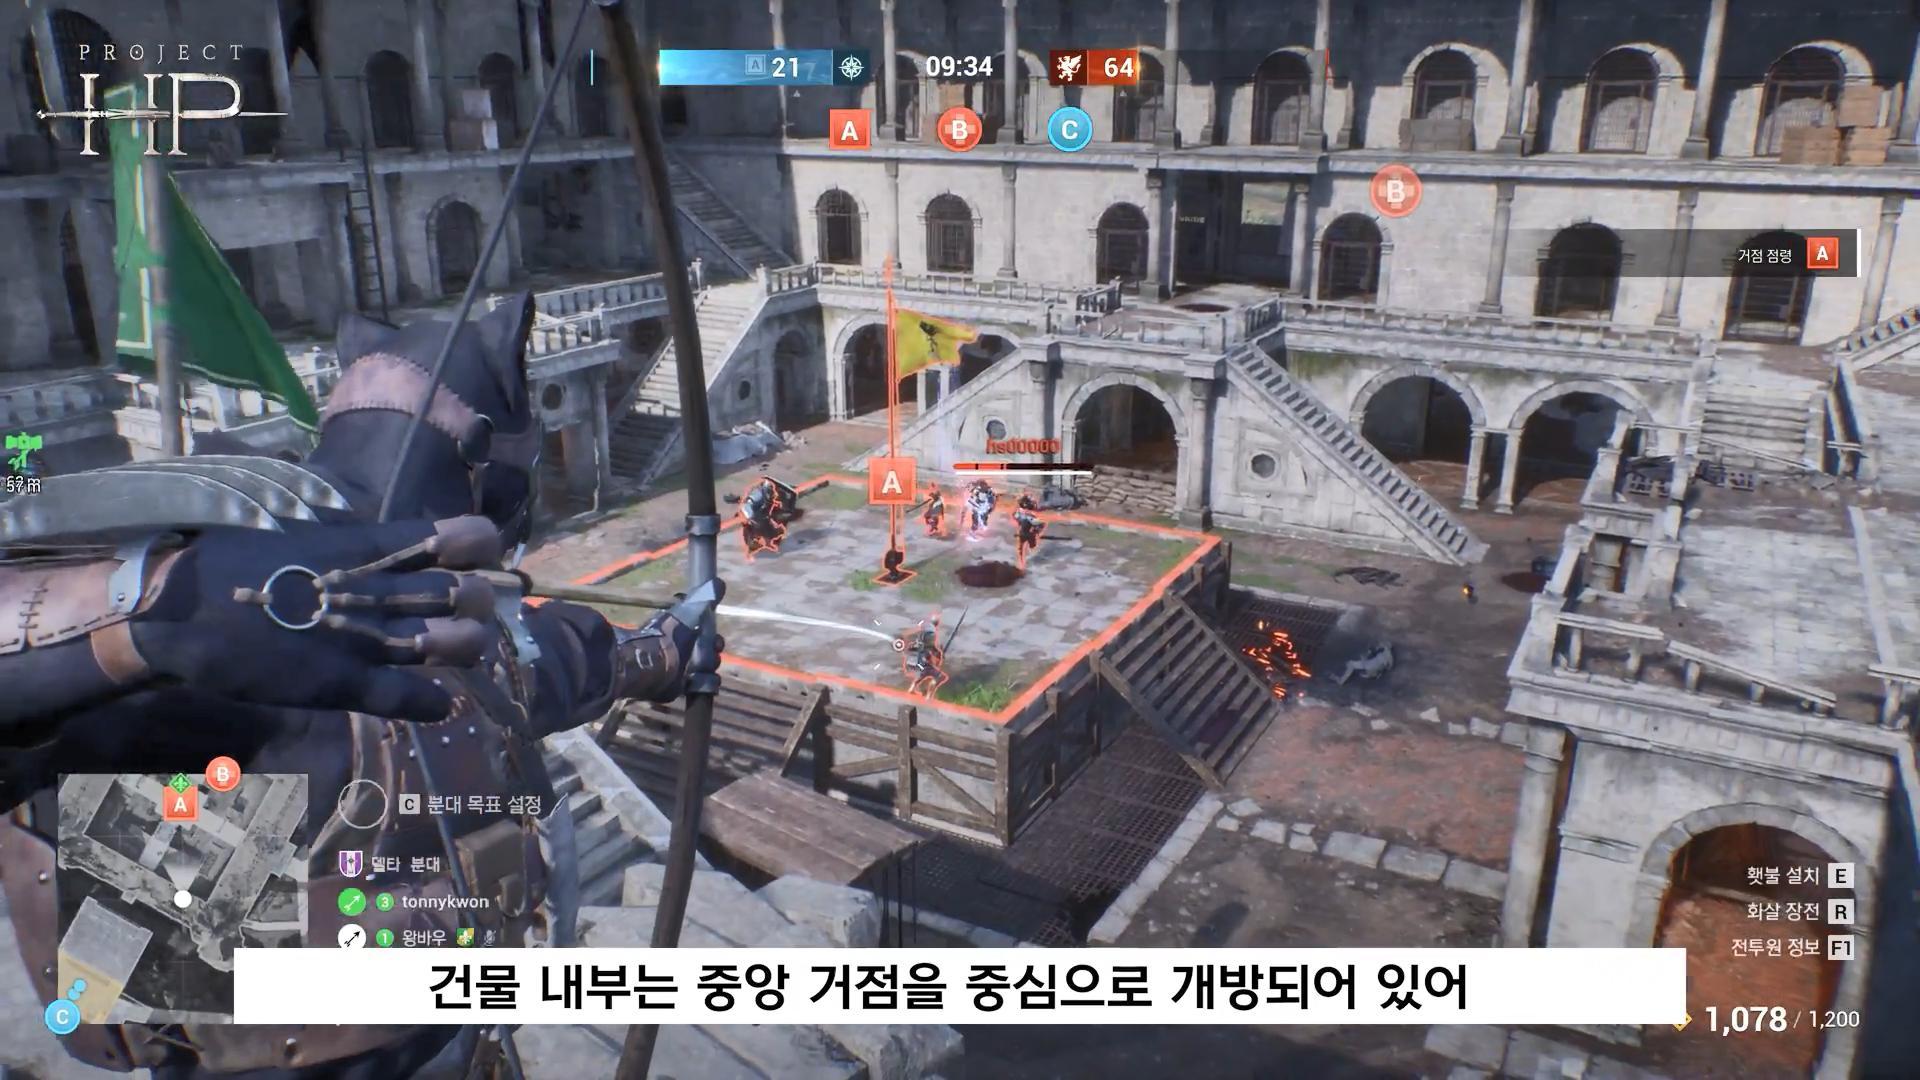 《洛英》原总监新作《Project HP》公布游戏演示 展示特殊机制